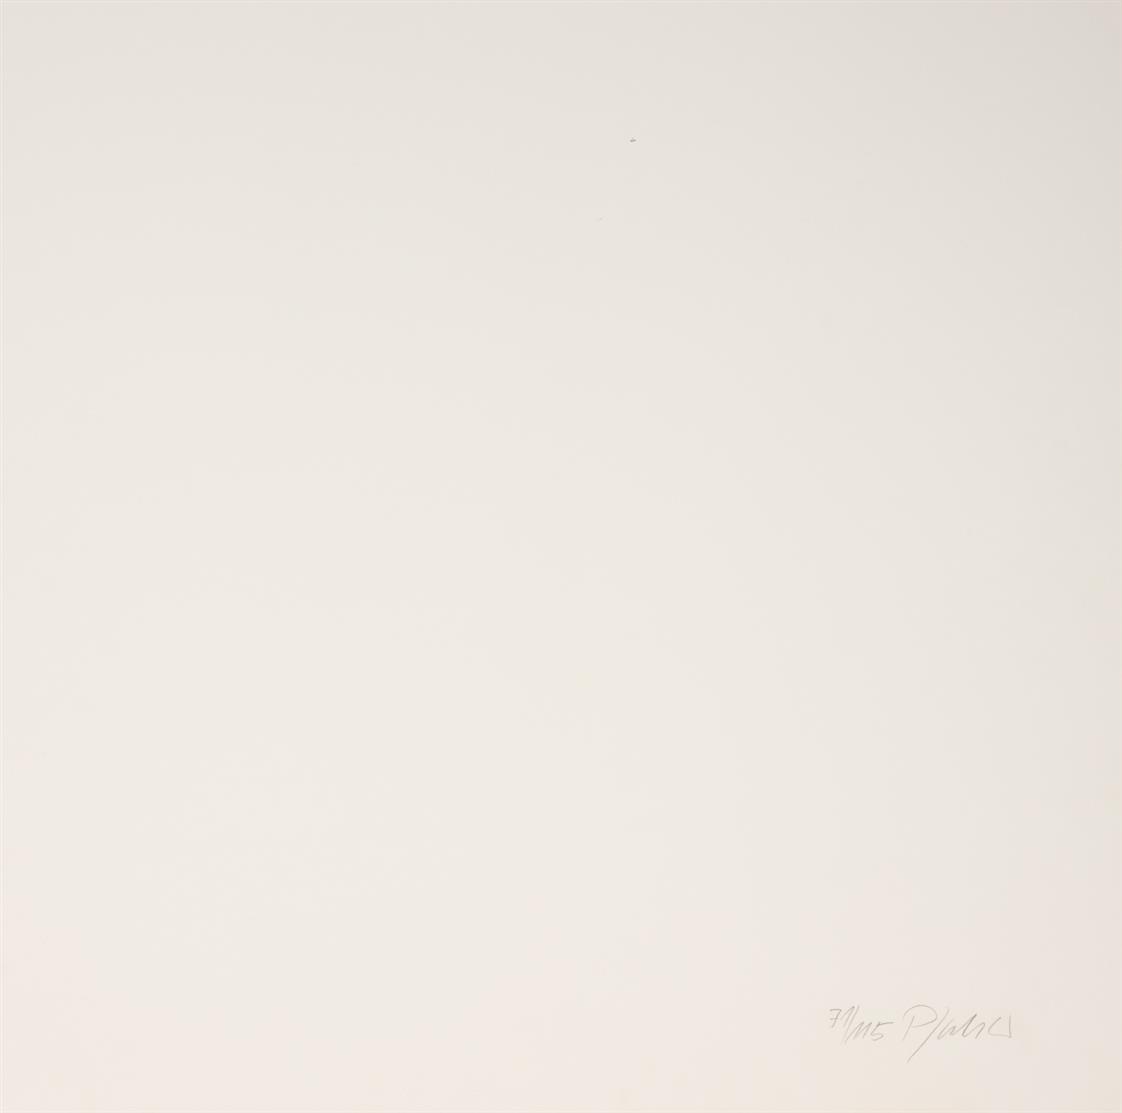 Georg Karl Pfahler. Ohne Titel. 3 Blatt Farbserigraphien. Jeweils signiert. Ex. 71/115, 41/100 bzw. 115/200.